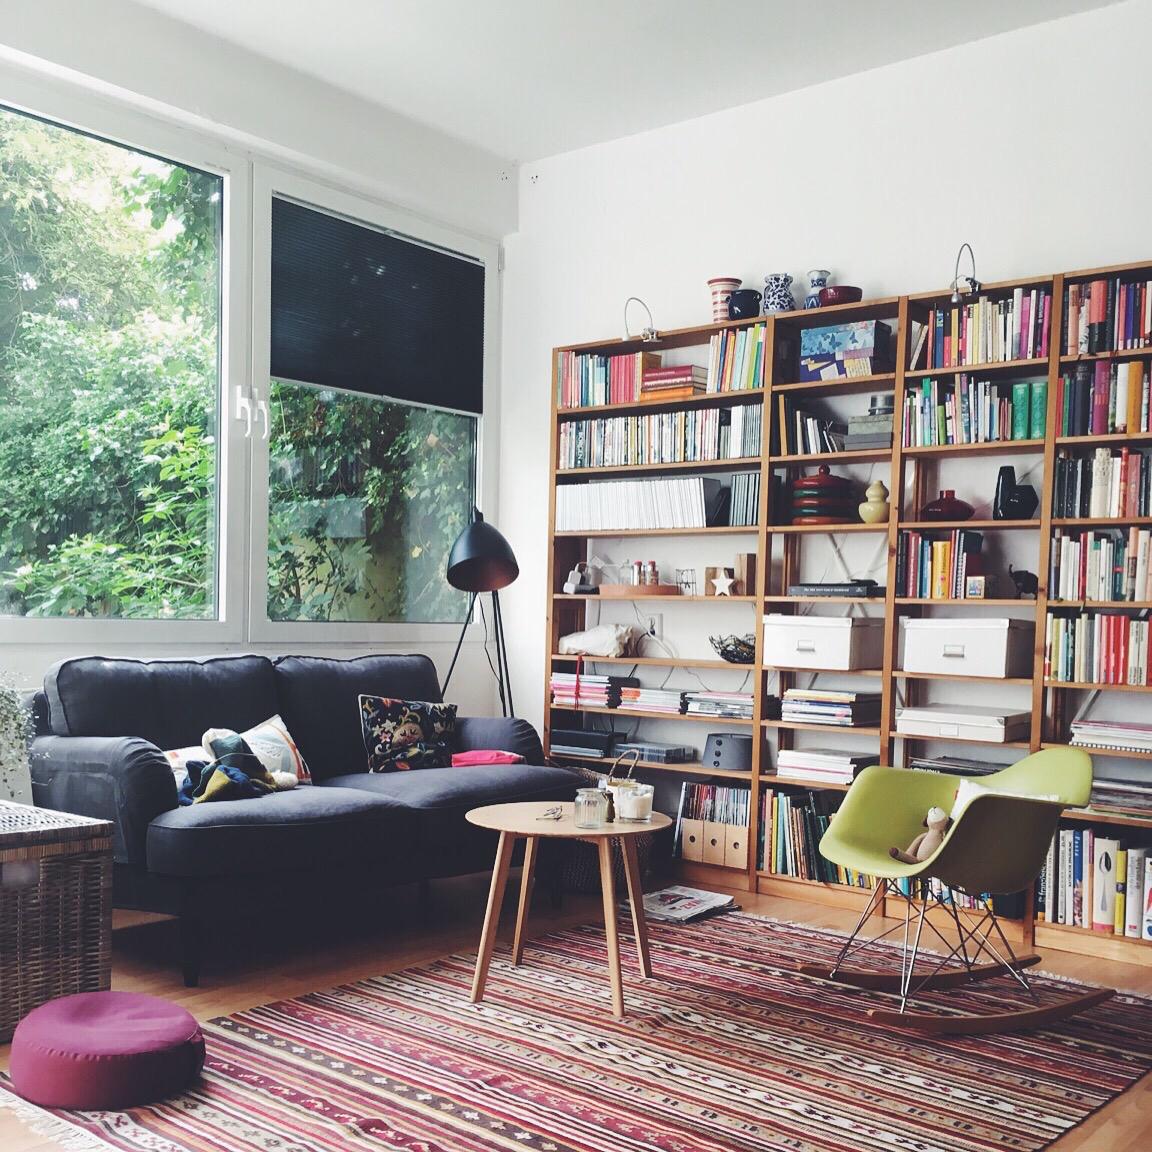 Ein Blick in ein Wohnzimmer, Eames-Schaukelstuhl